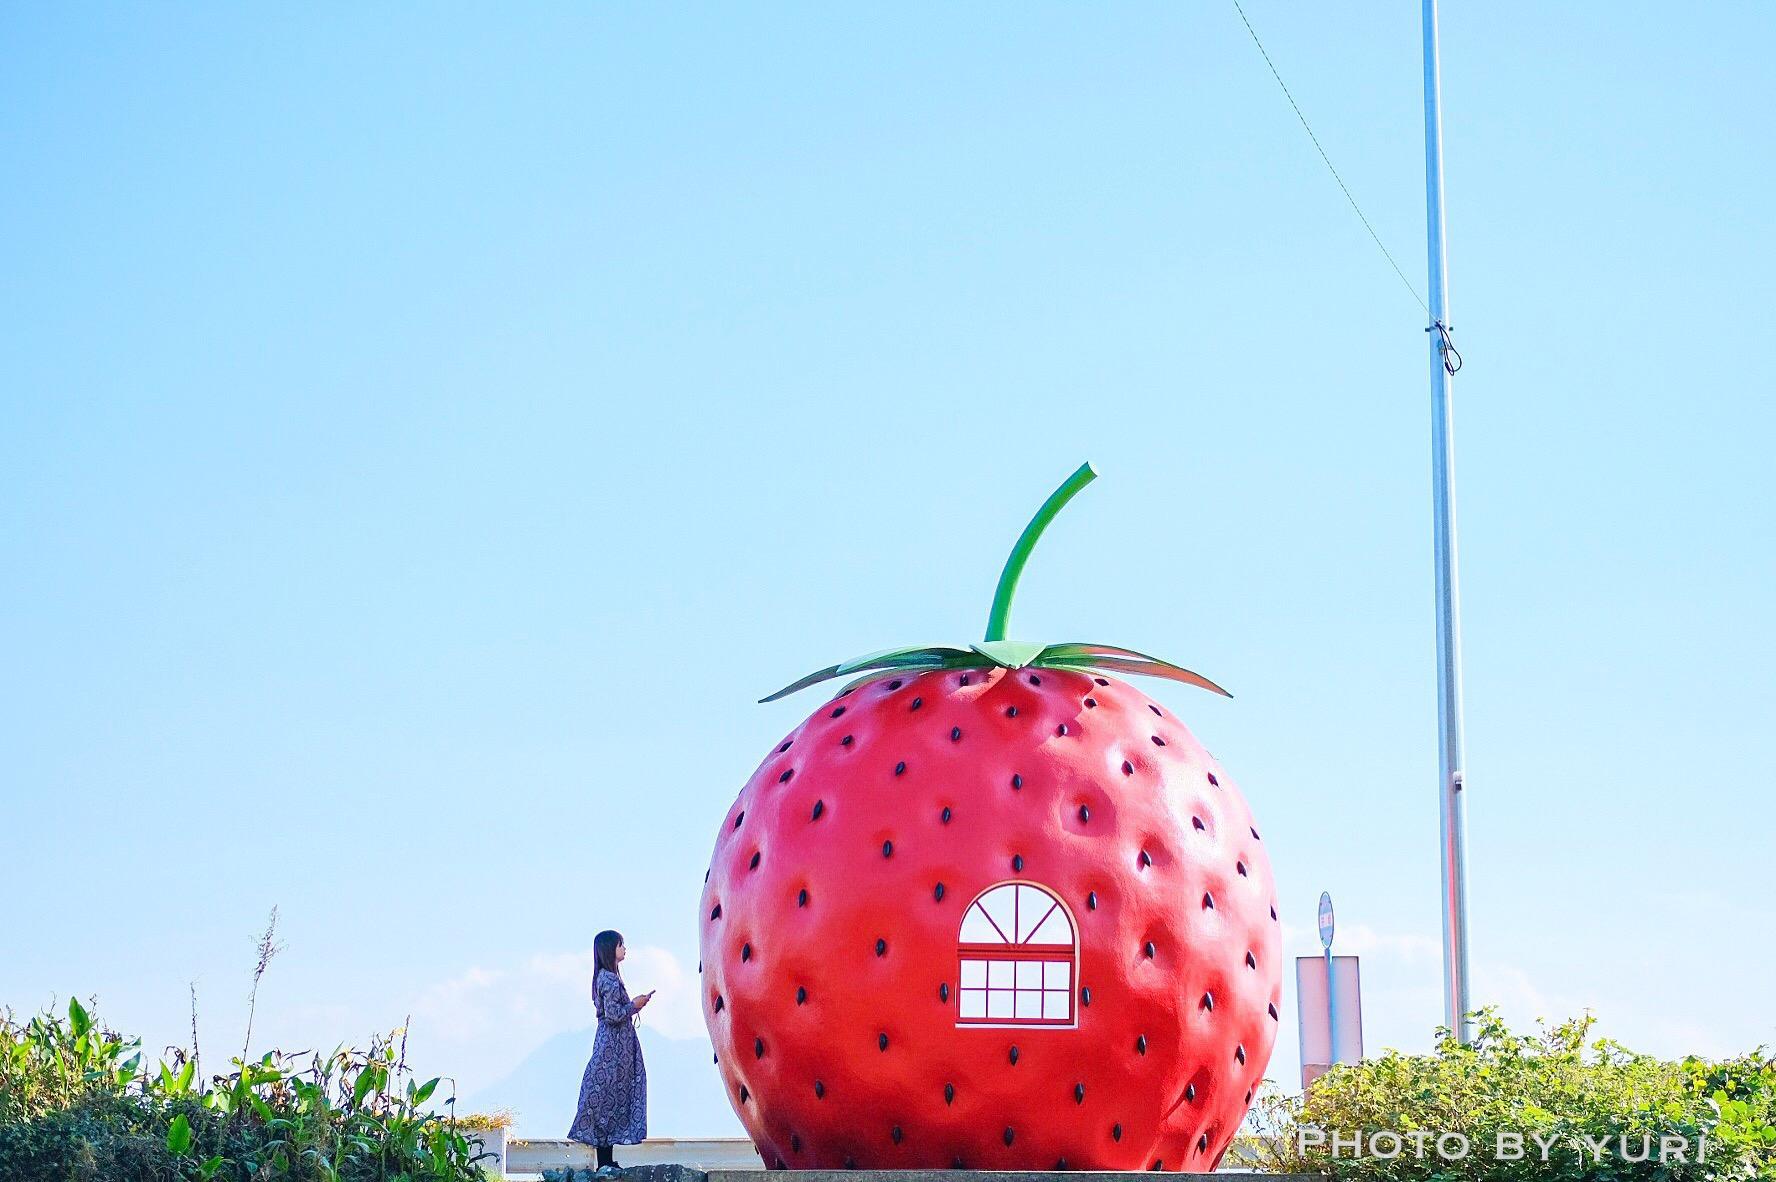 アクセス難解!長崎のフルーツバス停に電車で行く方法